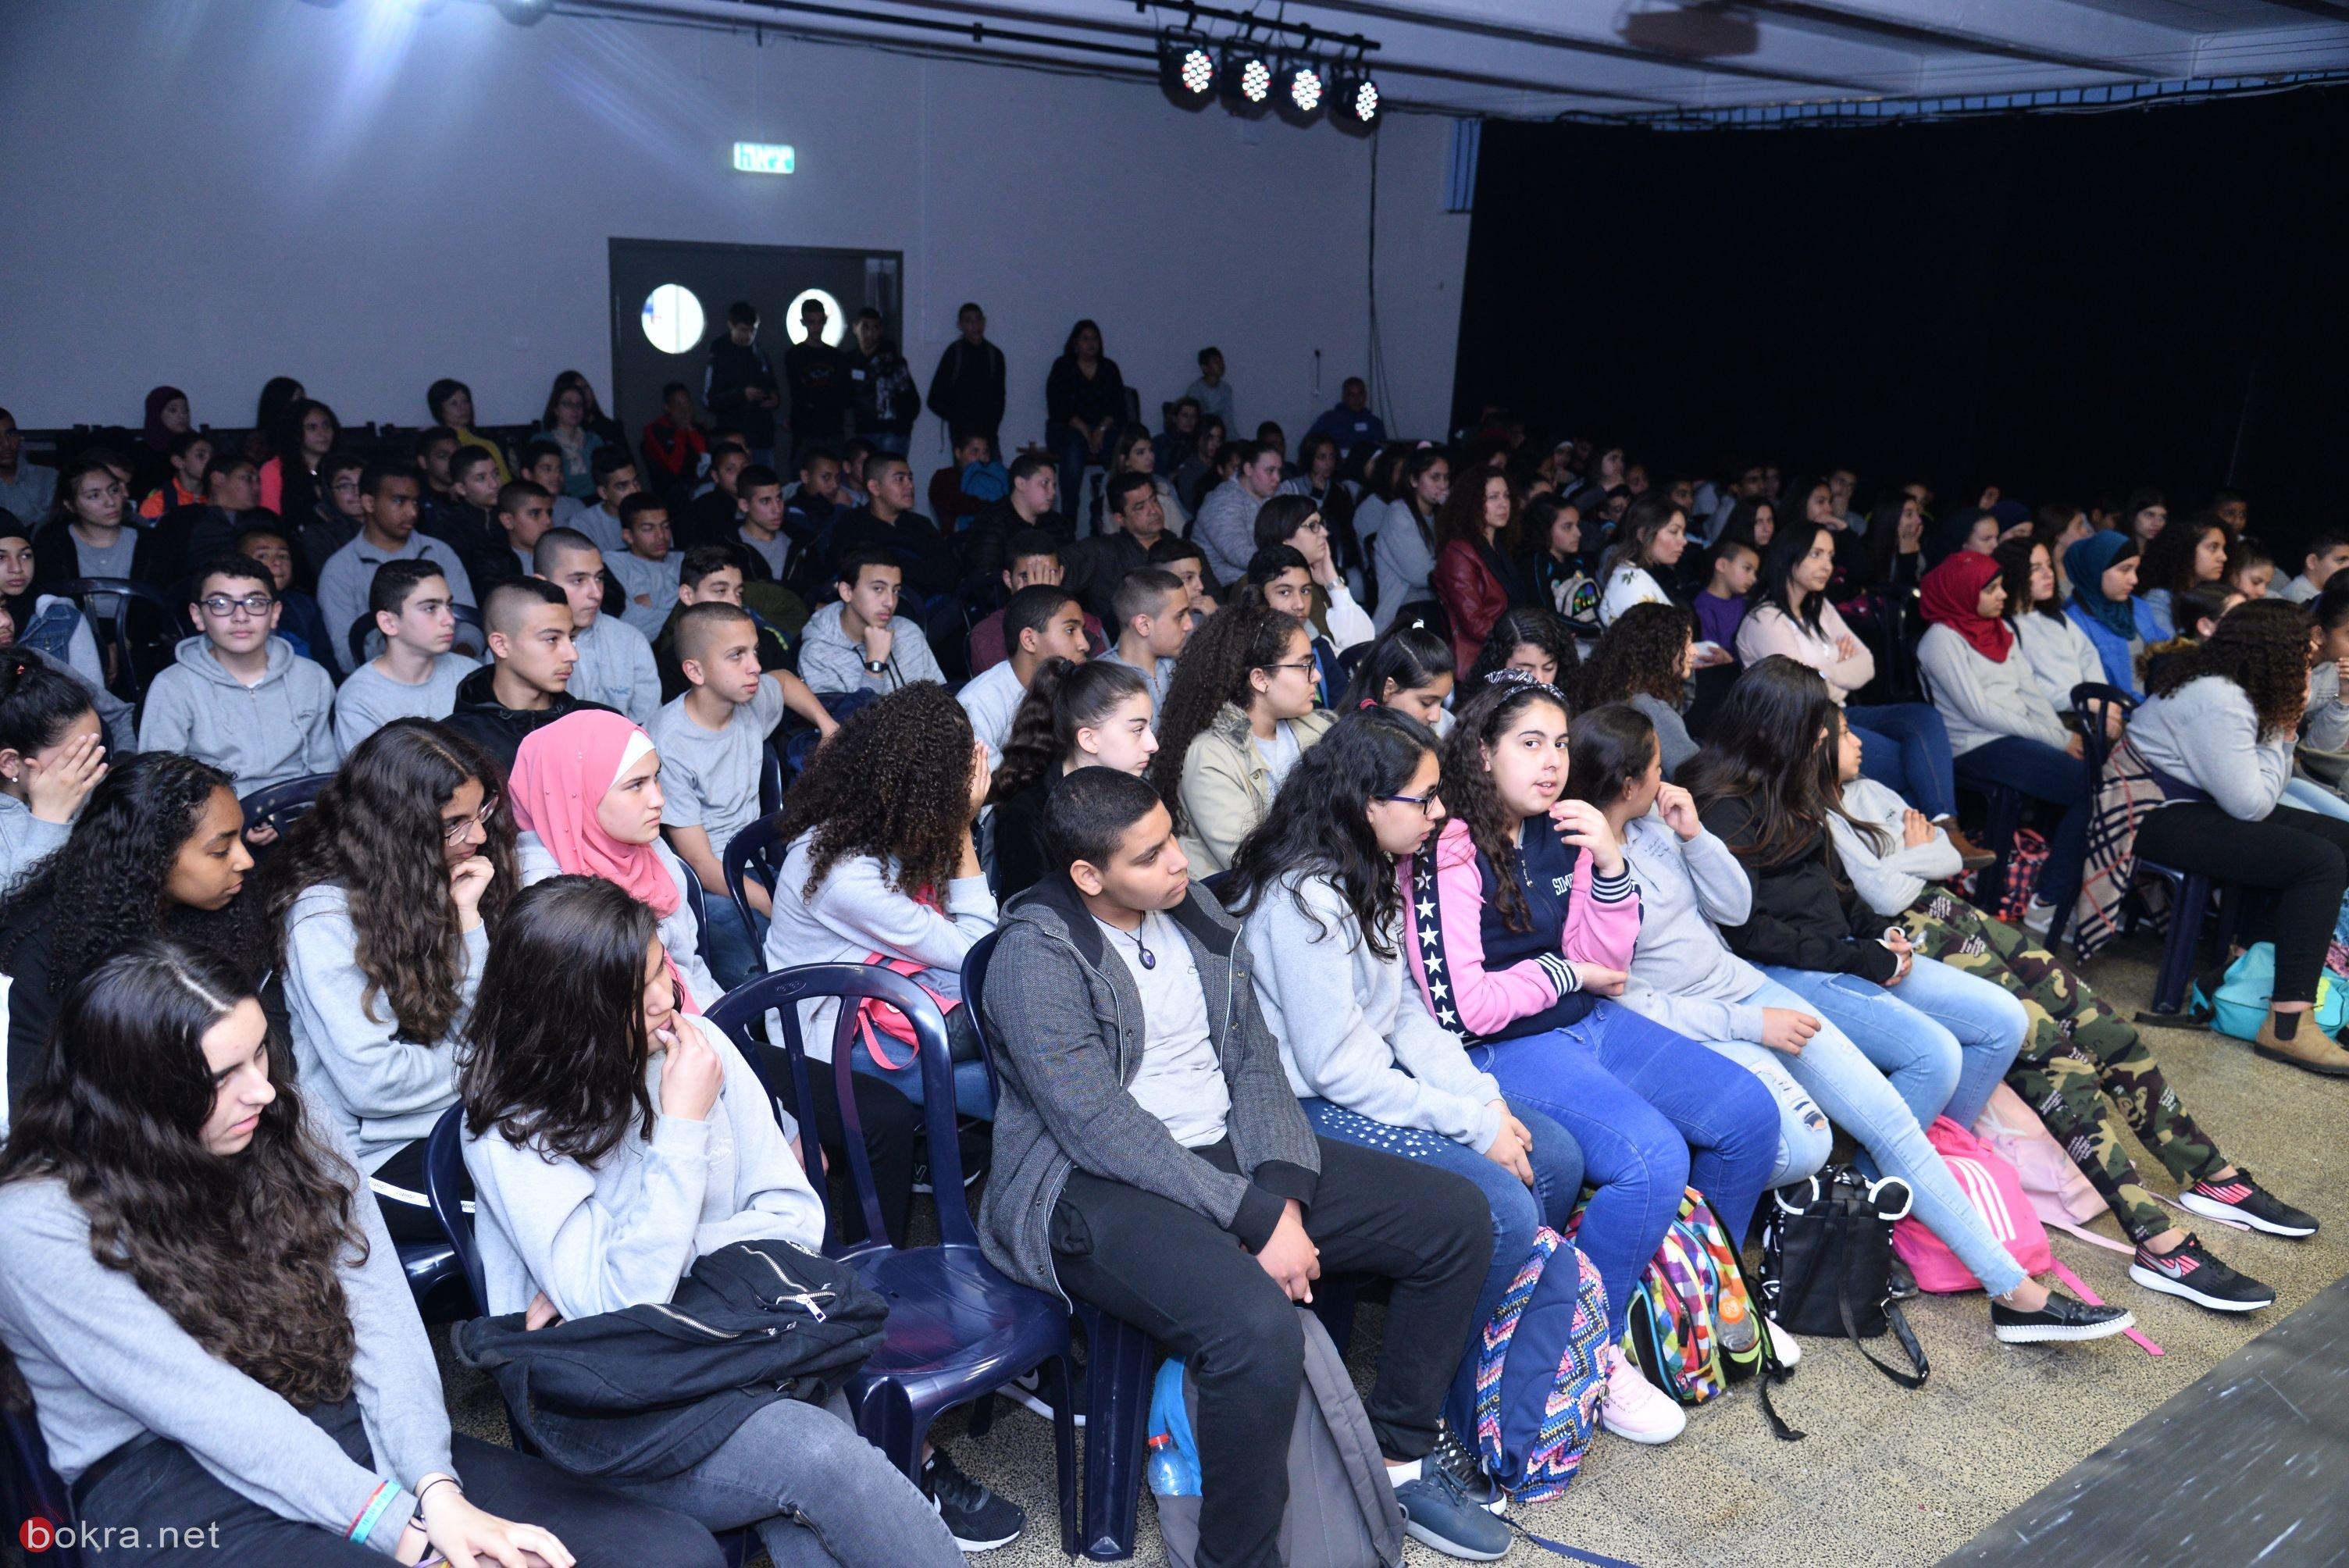 نجاح باهر لمسرحية ( خطر نت) في مدرسة أورط على أسم حلمي الشافعي عكا